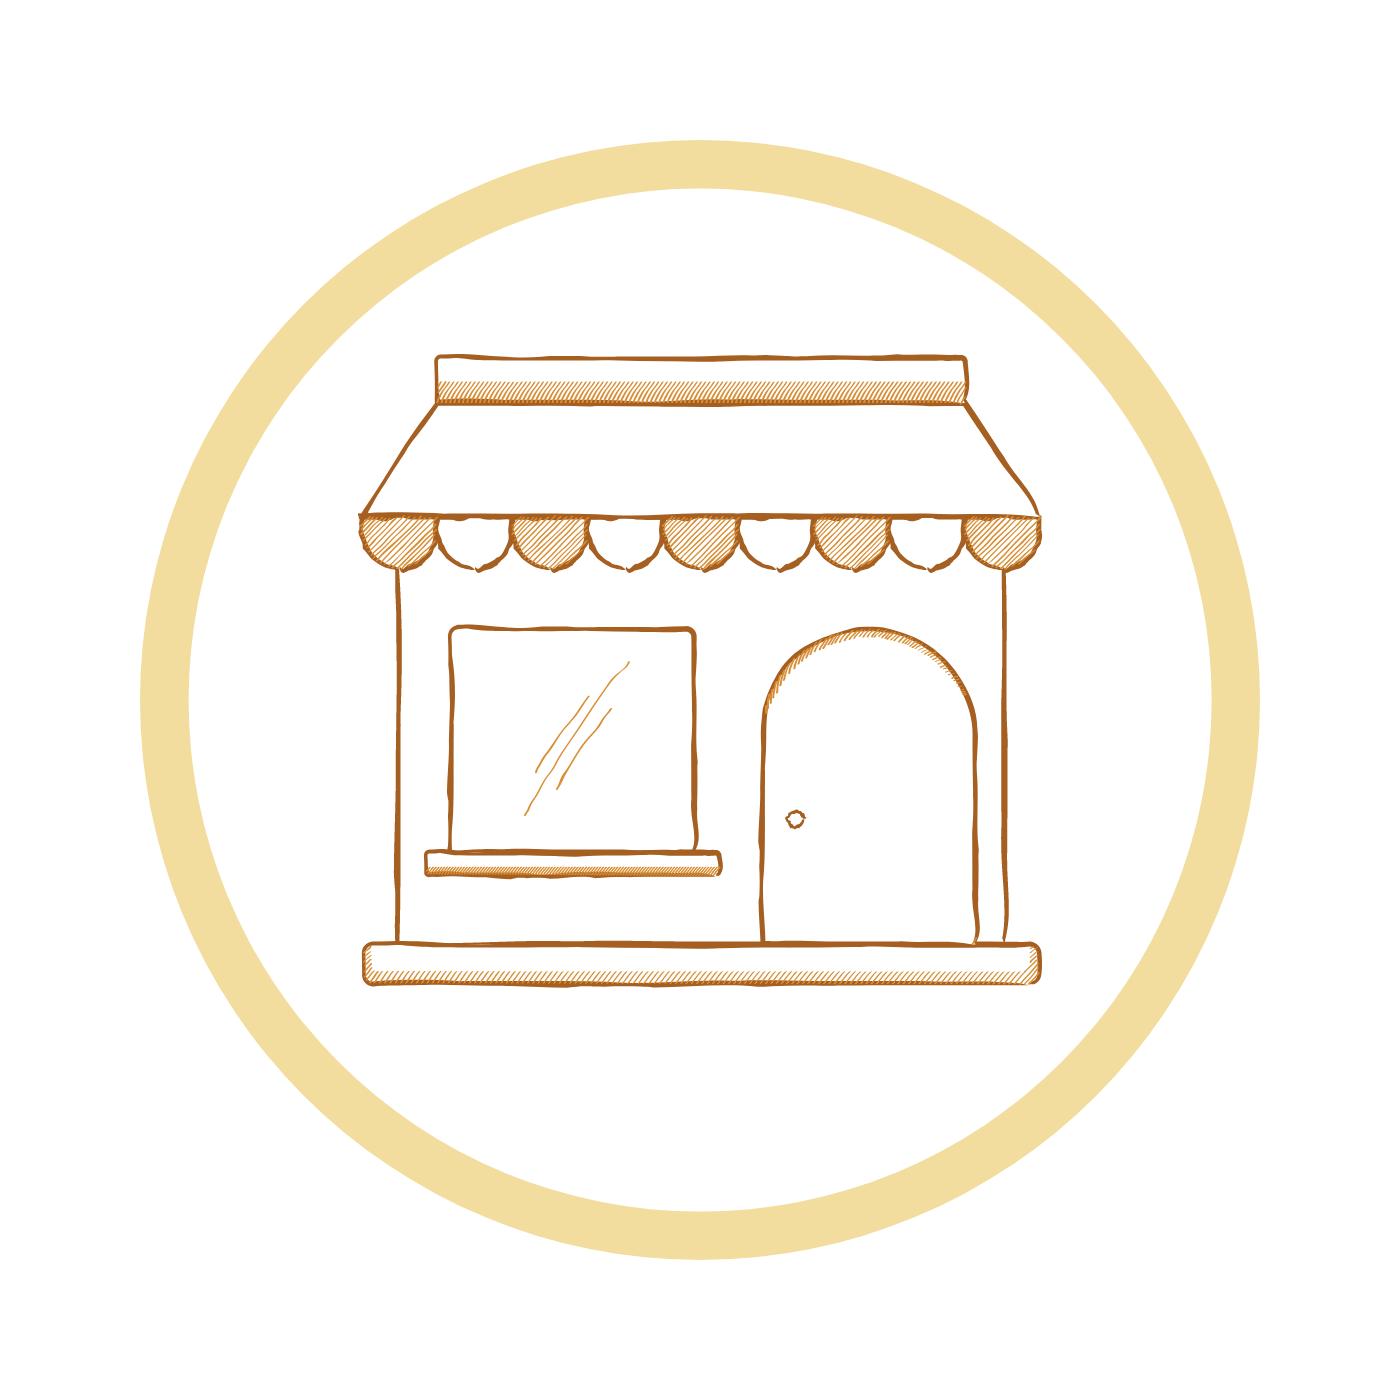 Le magasin de la cagette Lien vers: https://lacagette-coop.fr/?PageMagasin